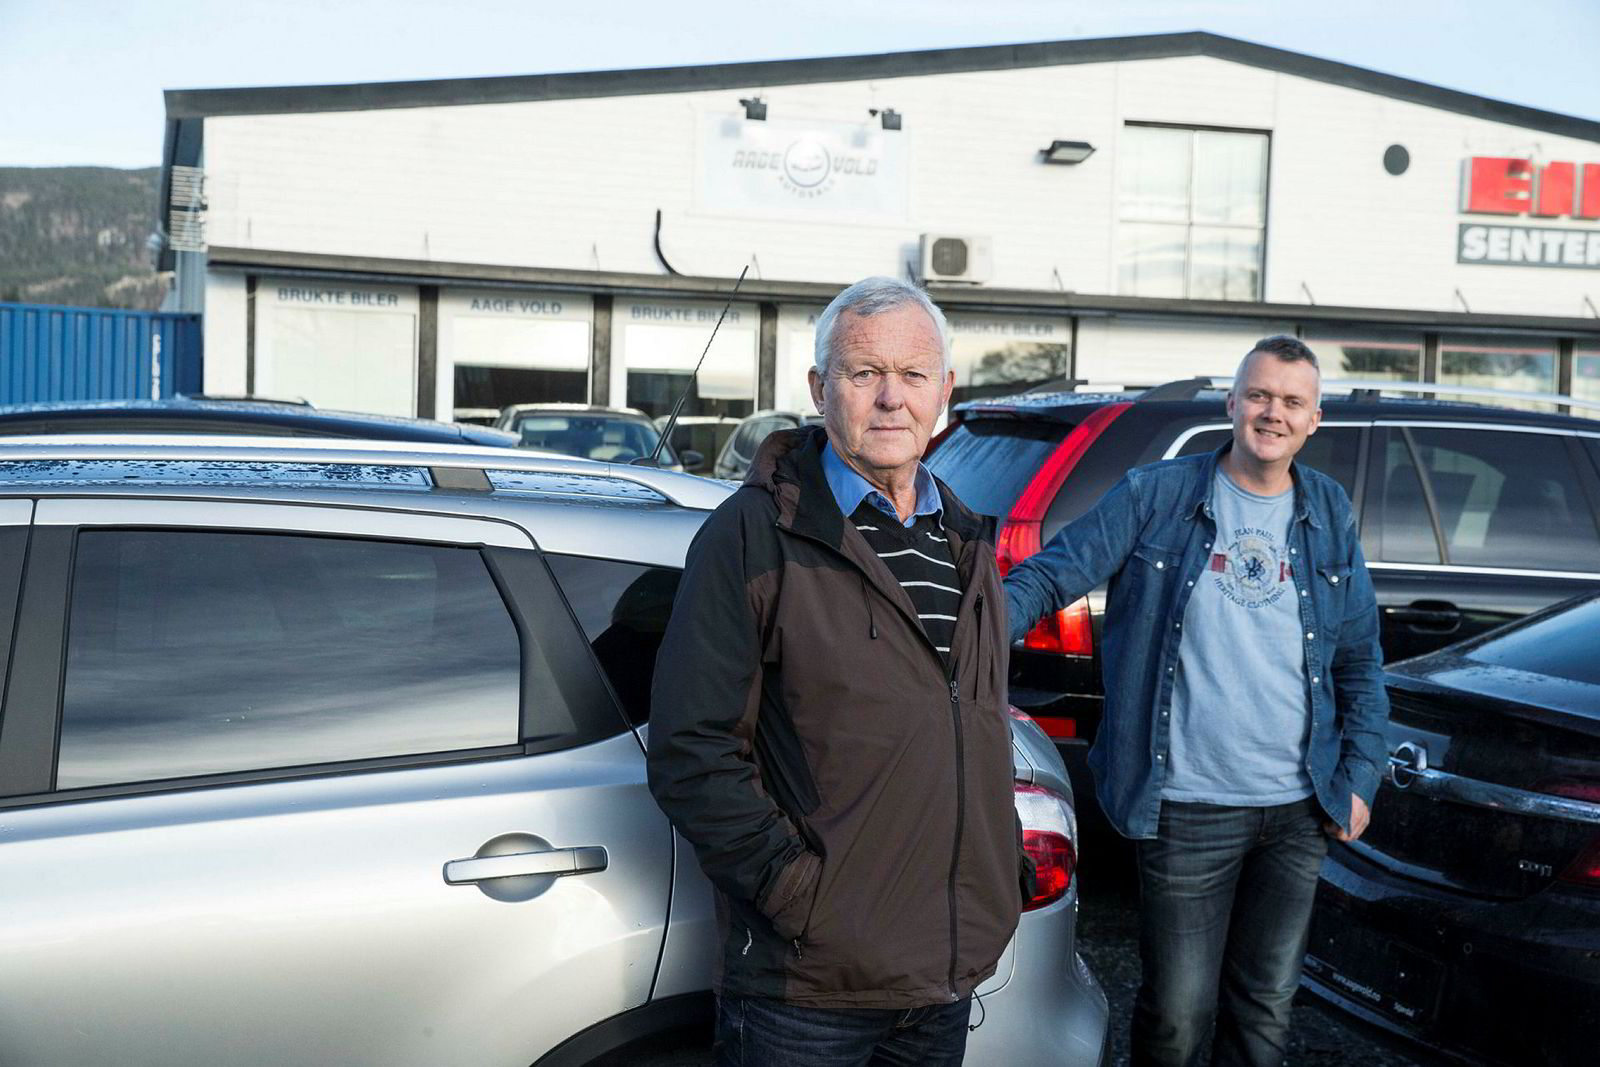 Nøktern drift med enkle lokaler har kjennetegnet bruktbilbutikken som Aage Vold (69) har bygget opp i Størdal. I løpet av de siste årene har sønnen Stein Aage Vold (44) overtatt driften gjennom Aage Vold autosalg.